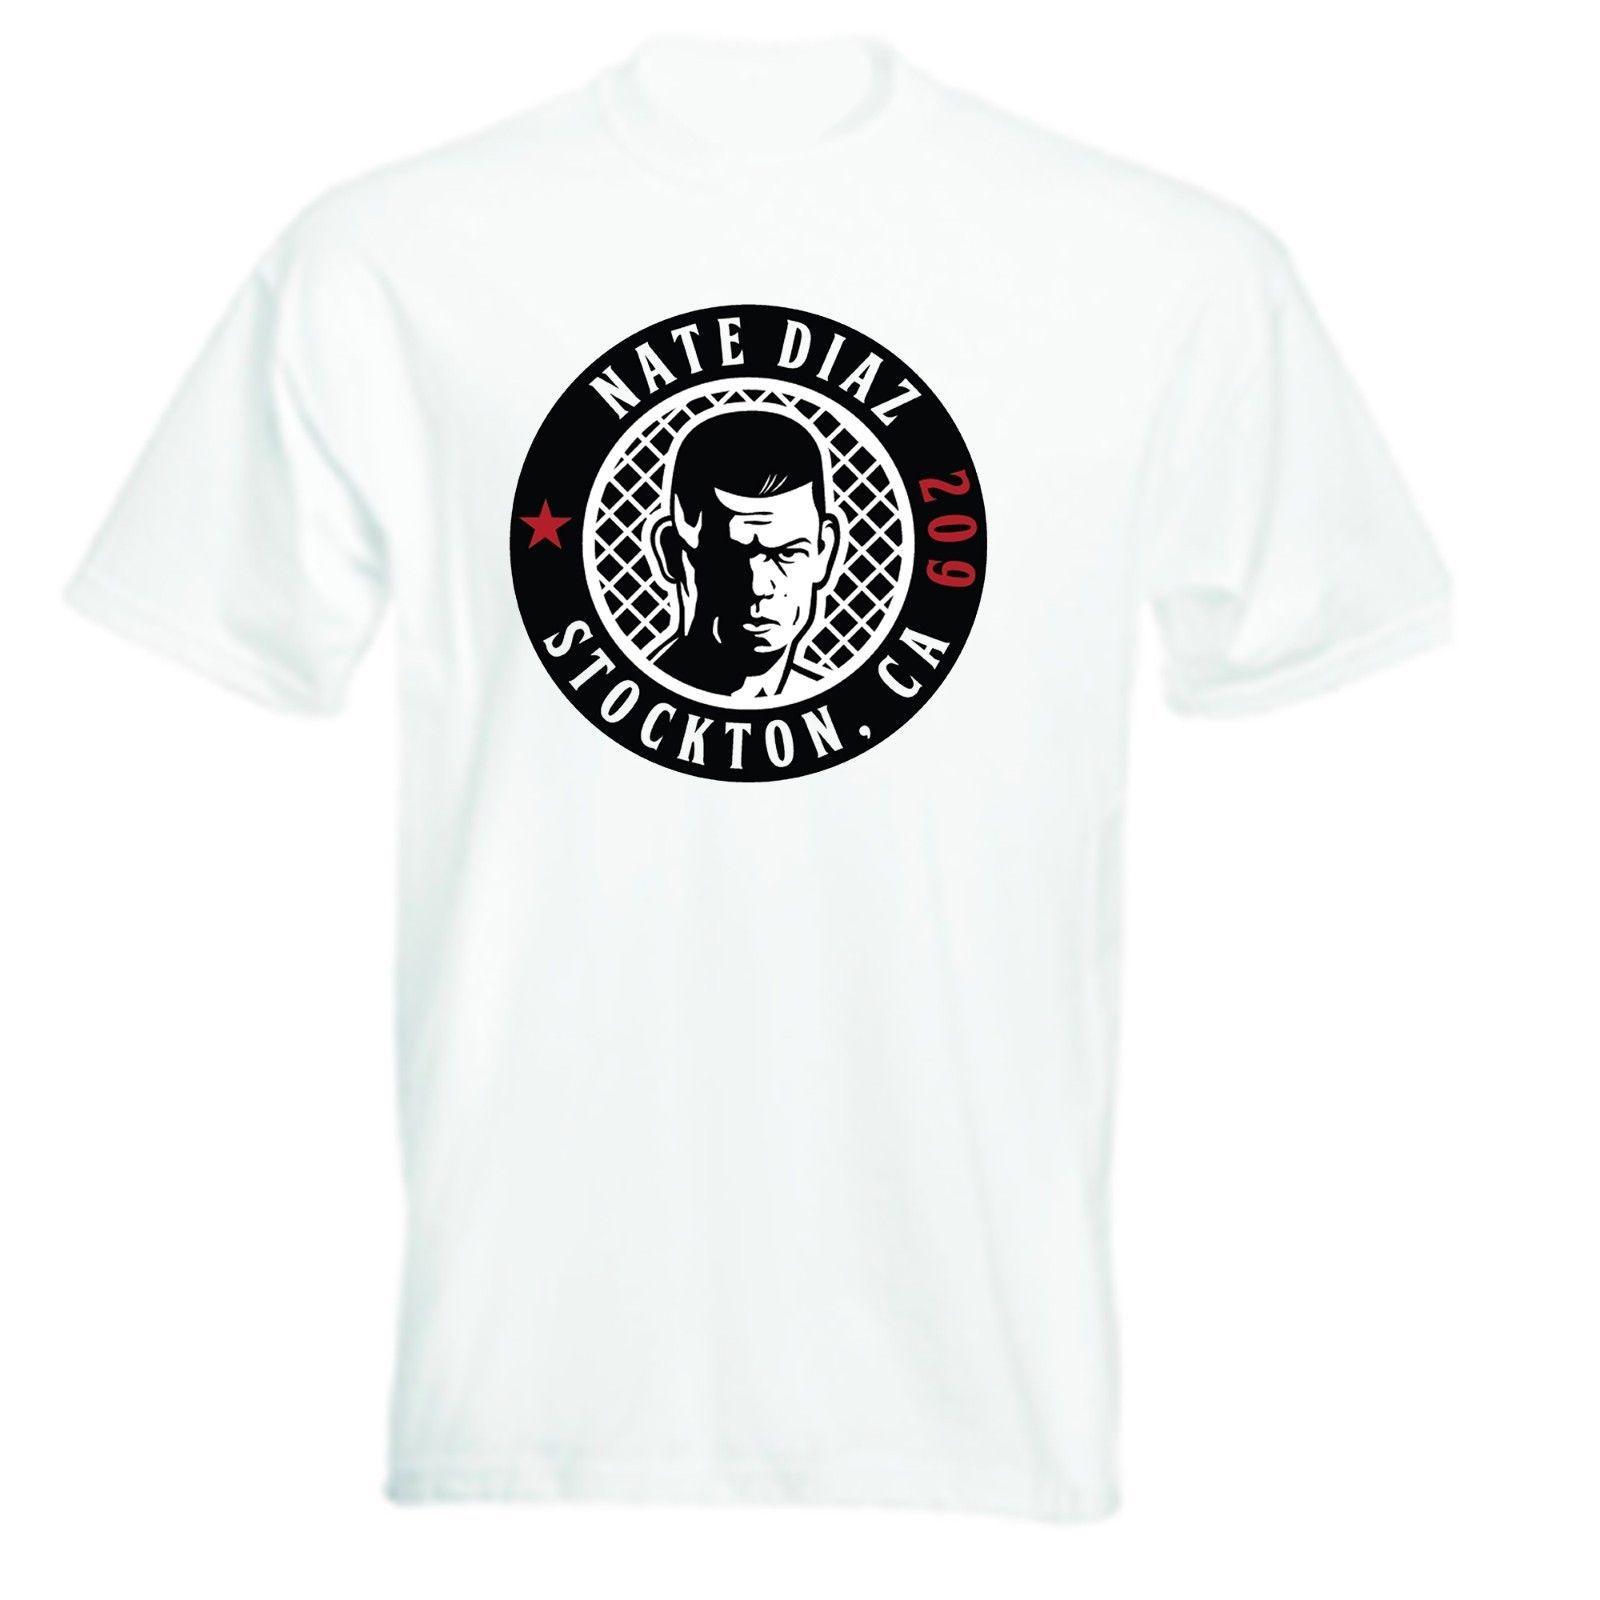 Nate Diaz 209 Inspirado Camiseta 100% Carta de Algodão Impresso Camisetas Top Tee Design de Manga Curta Camiseta Tops Básicos